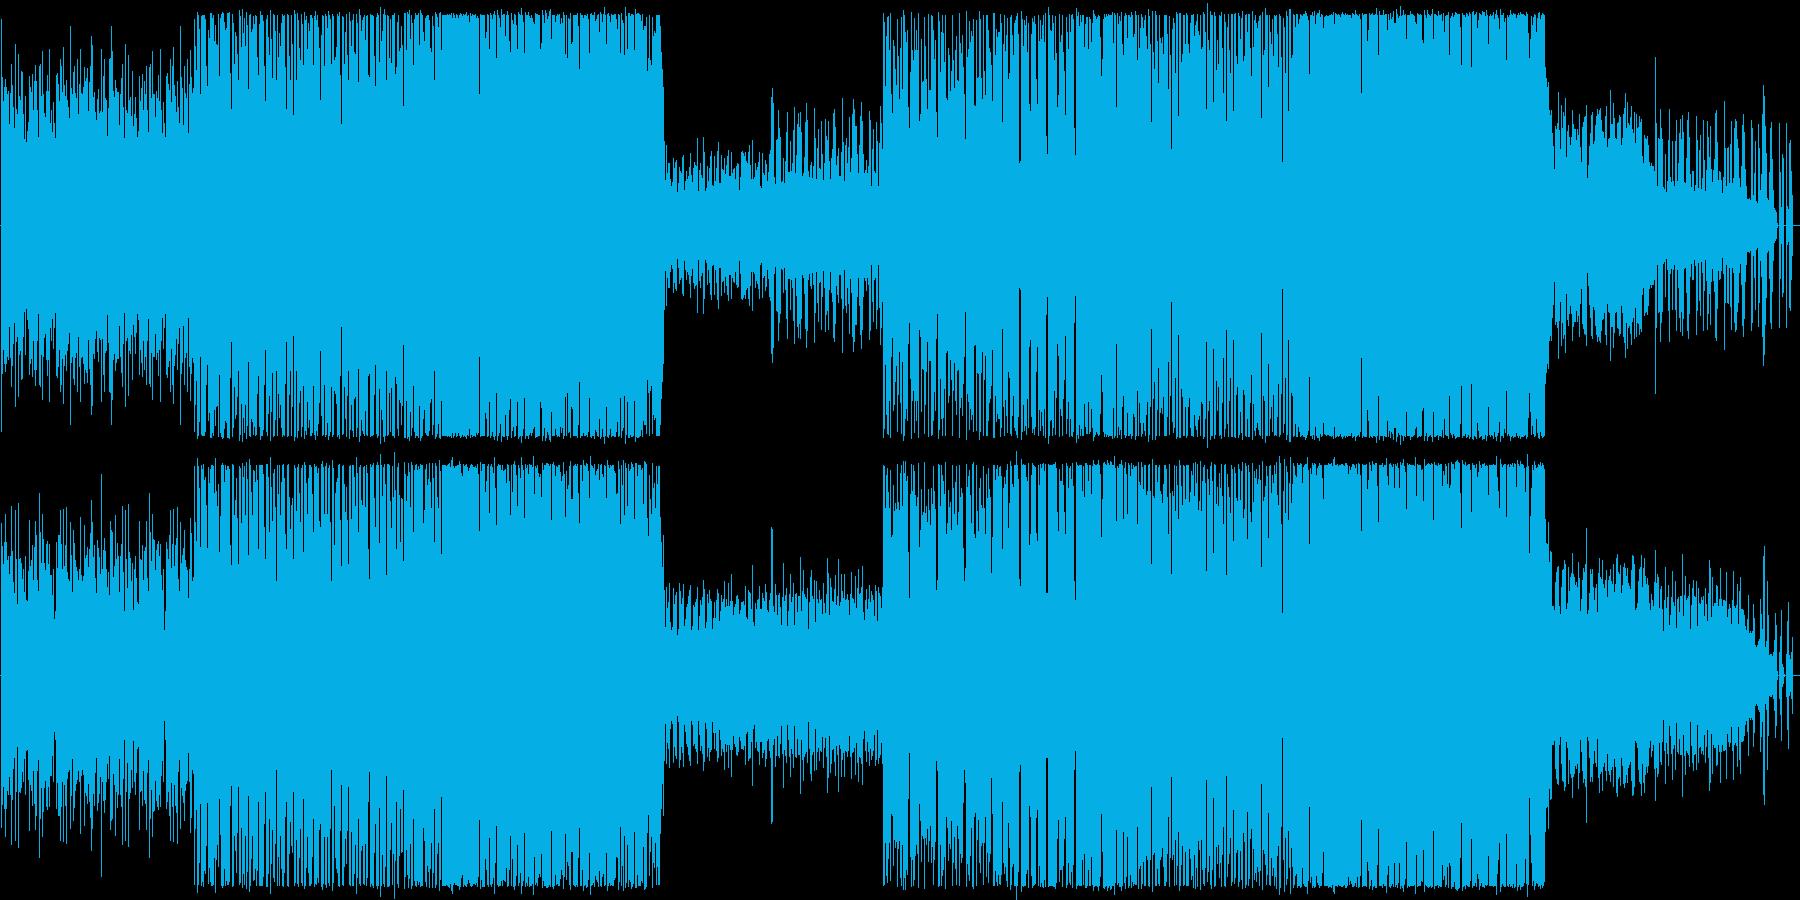 ビル群の夜景のような雰囲気のテクノBGMの再生済みの波形